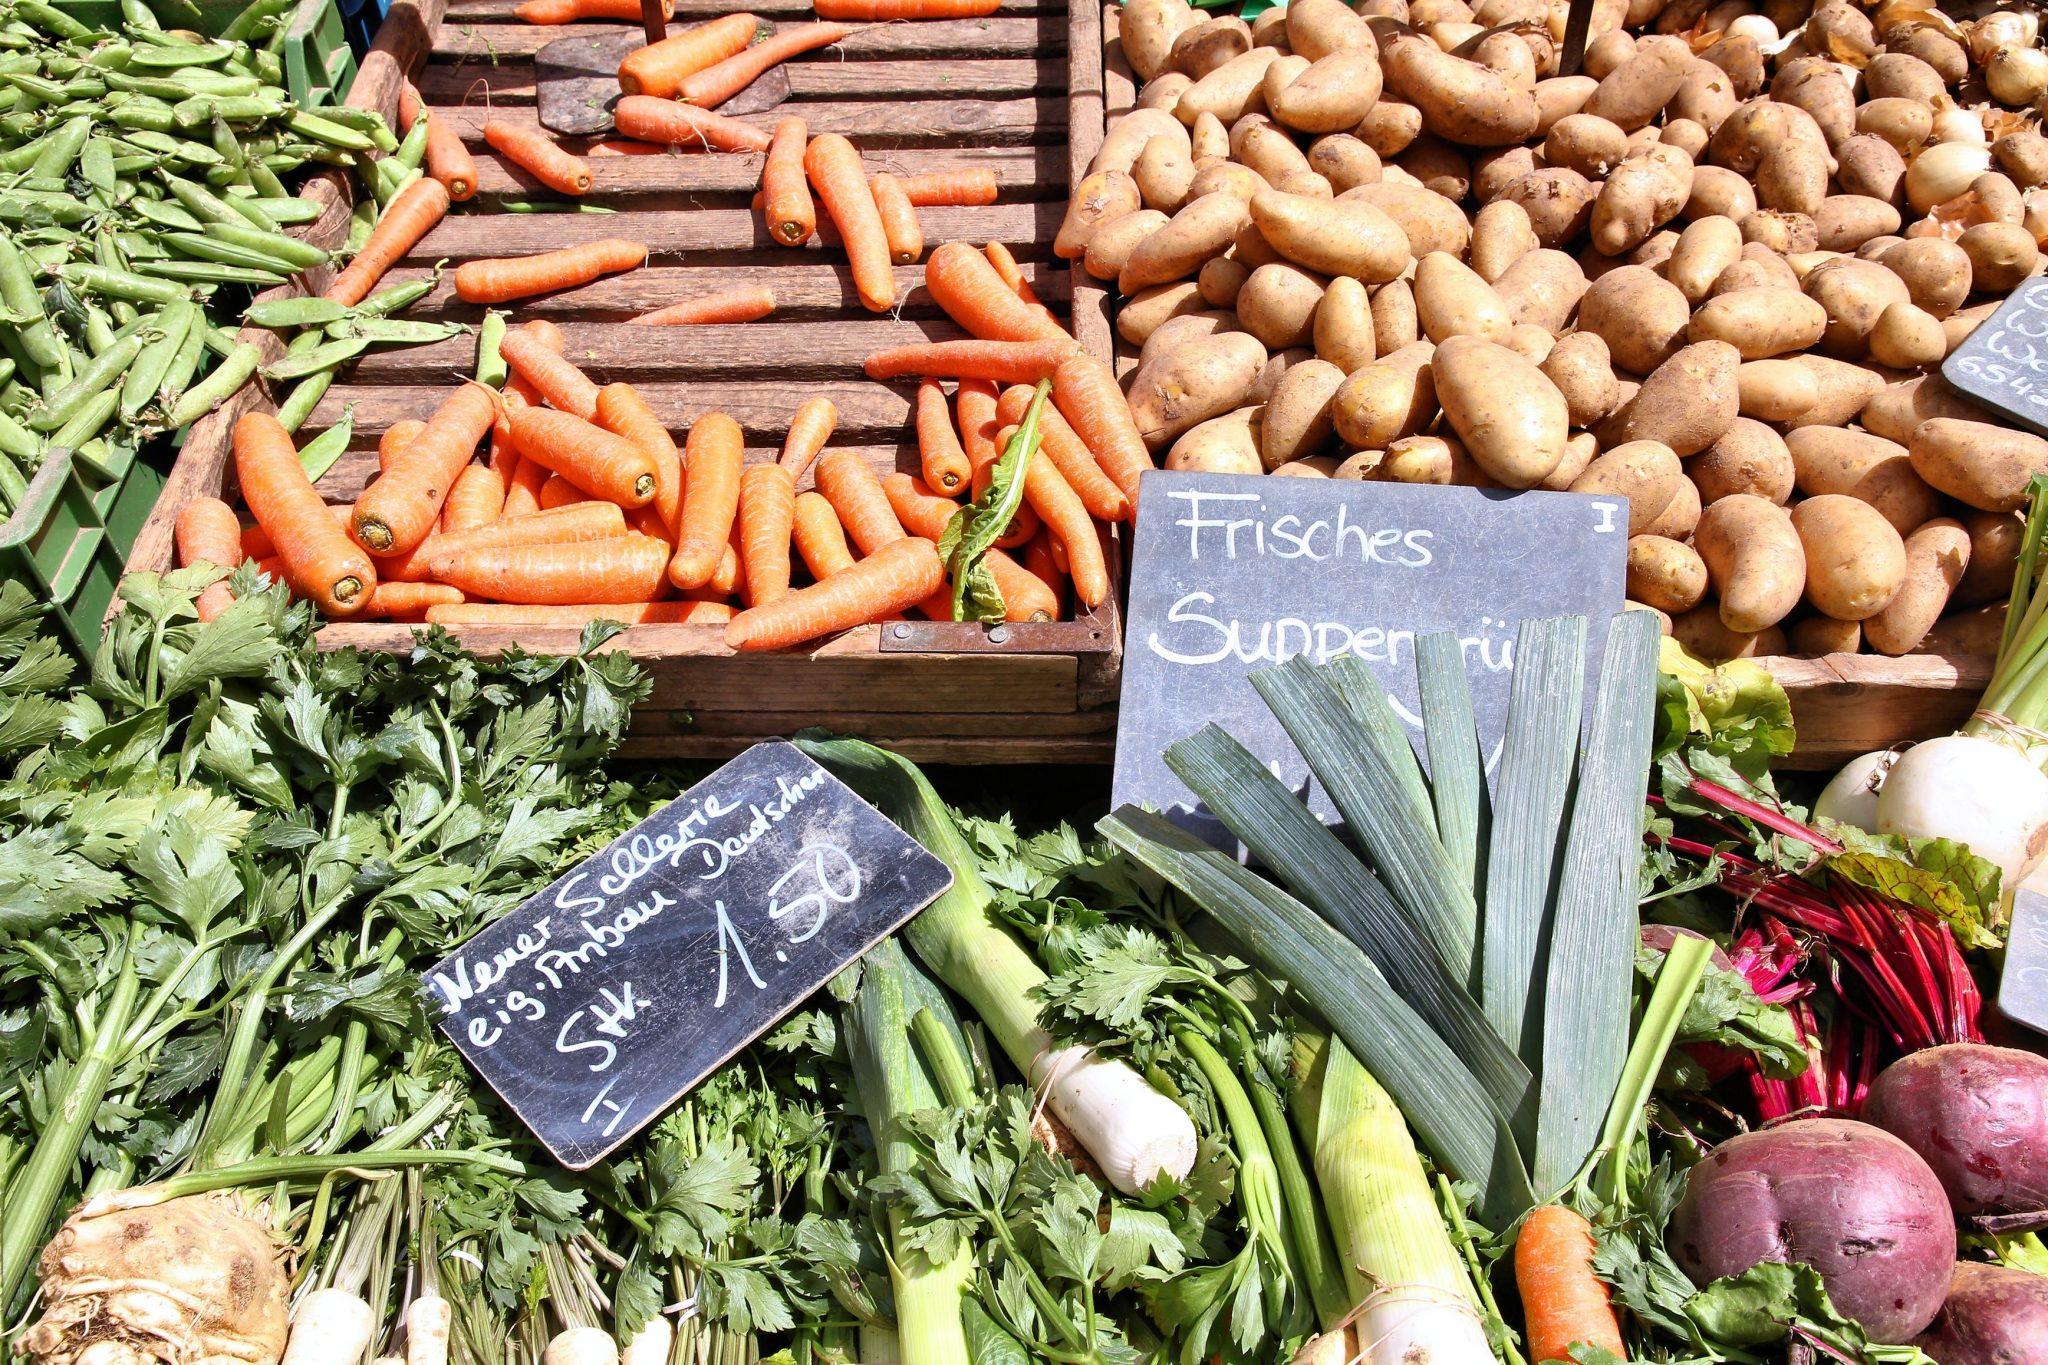 Gemüse auf dem Markt, Möhren, Kartoffeln, Sellerie und Suppengrün.